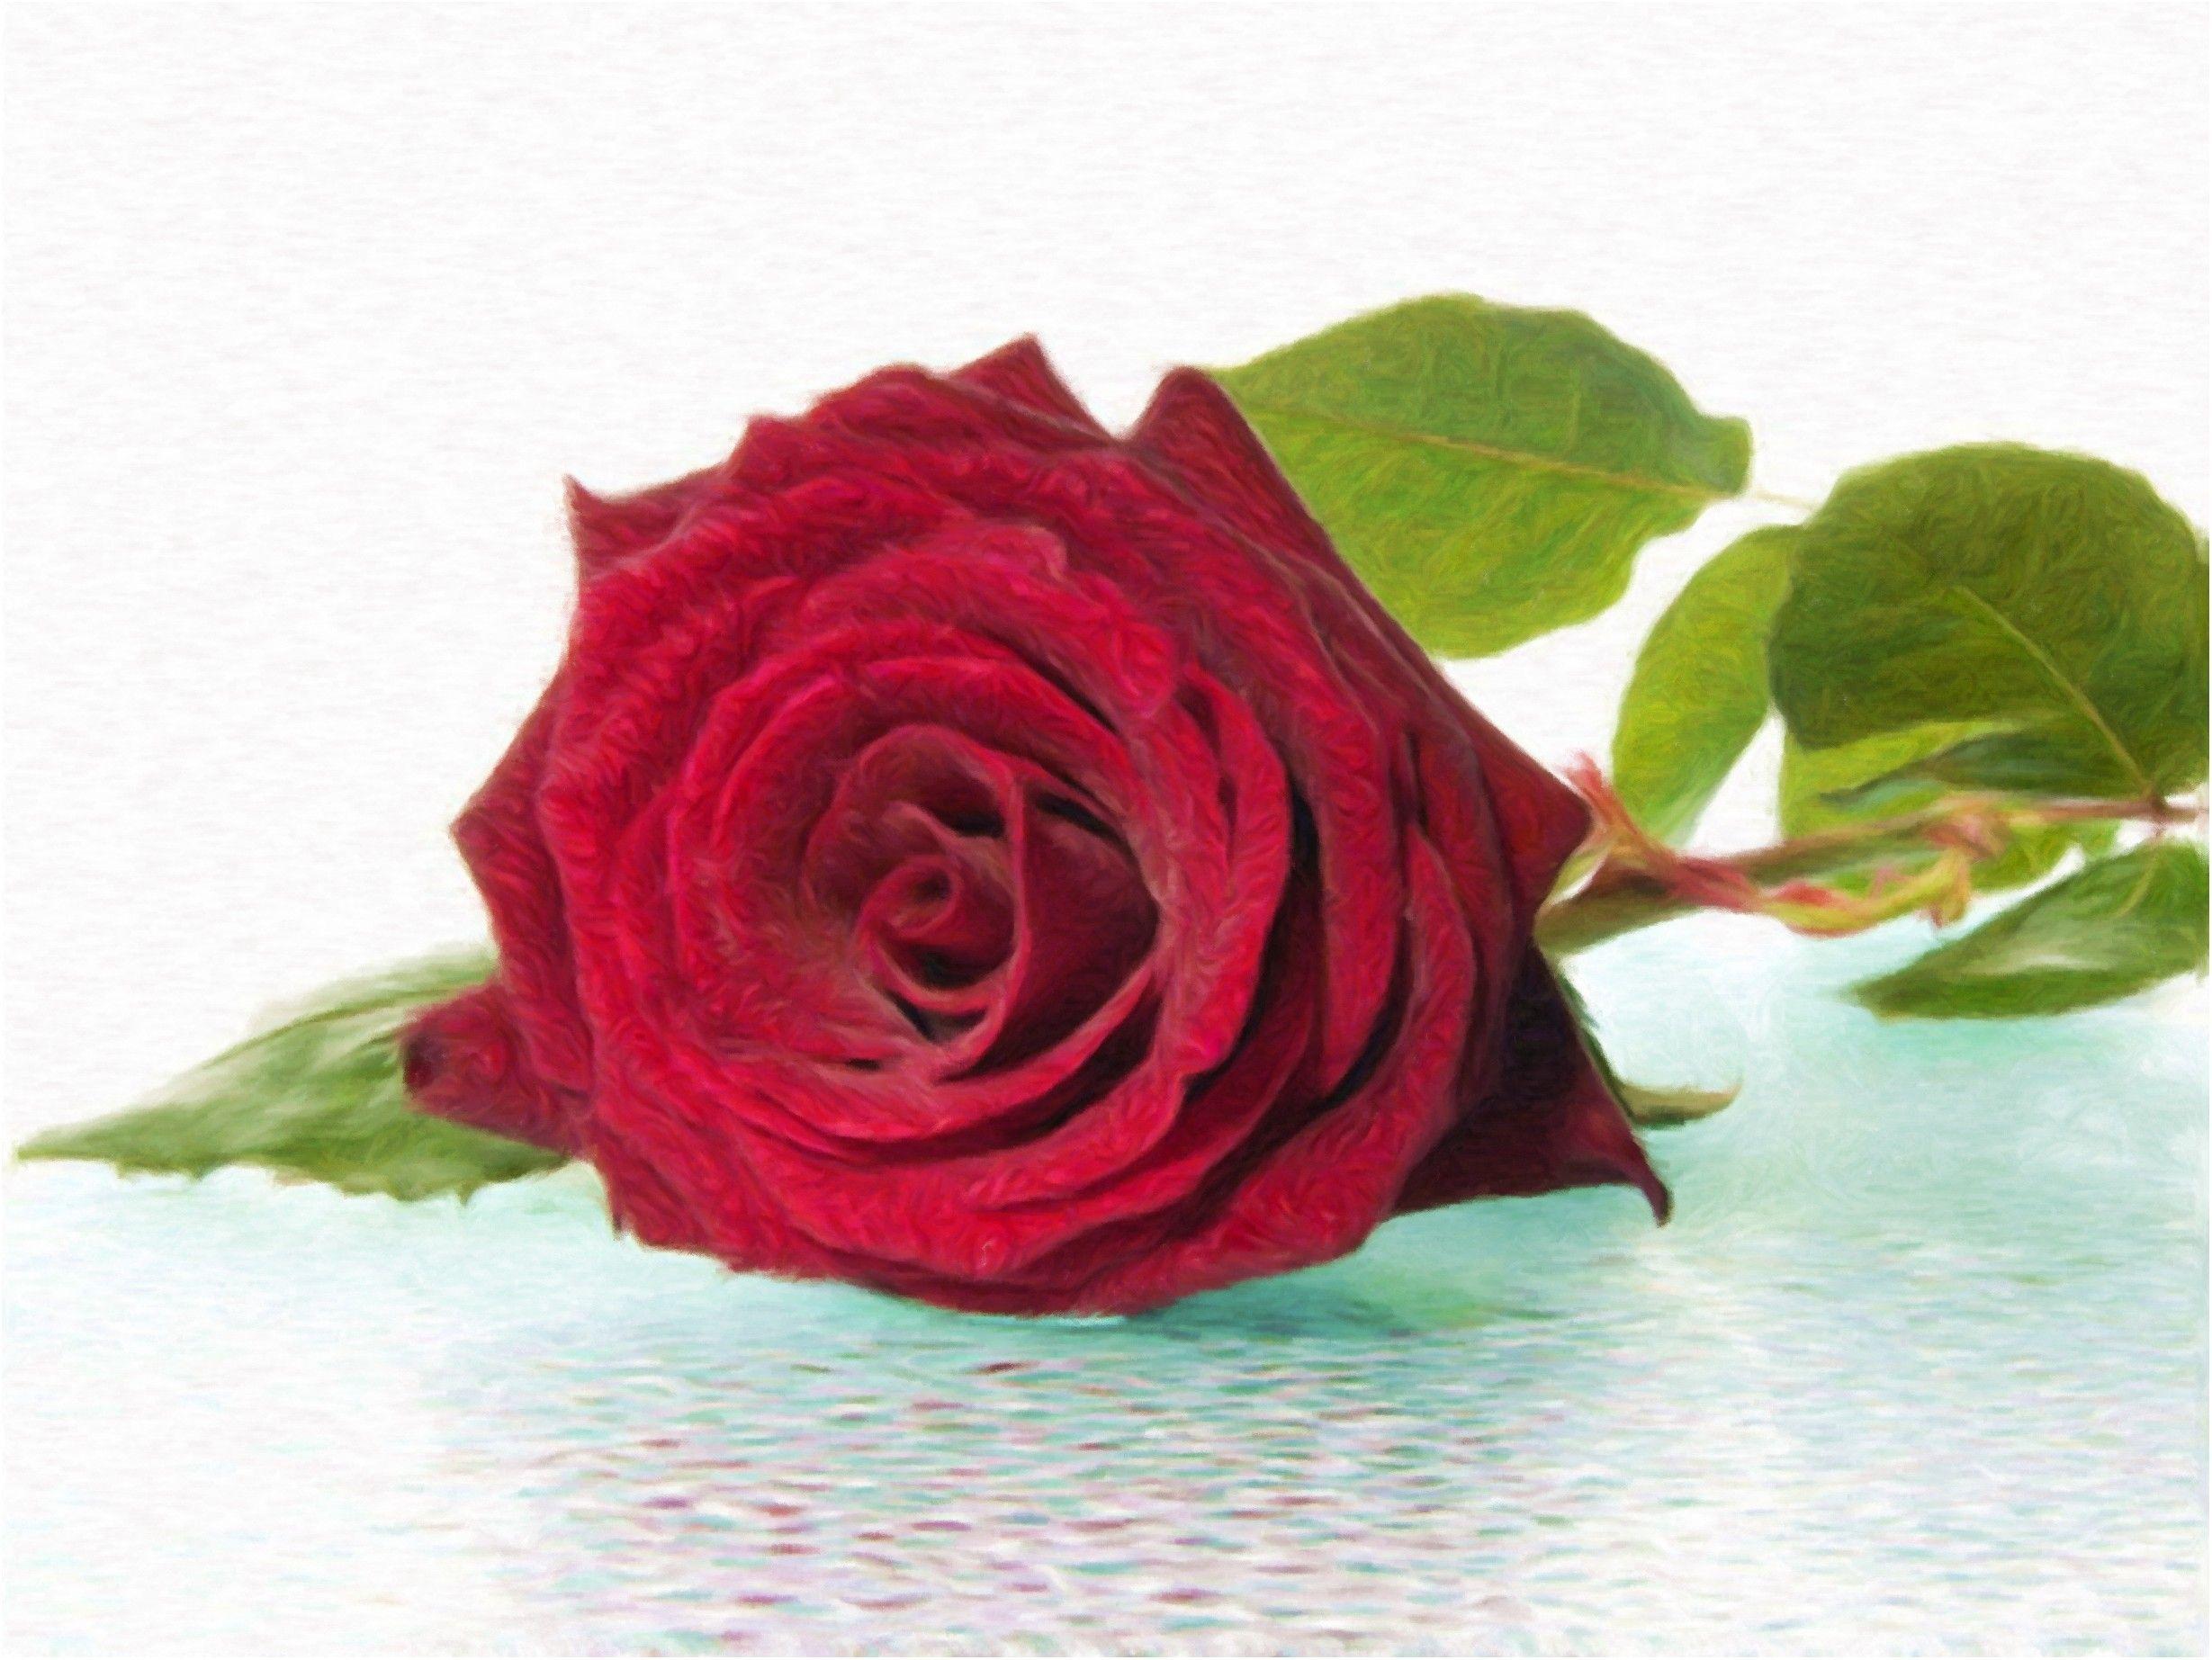 панели были самая красивая одинокая роза фото пожалуйста кто